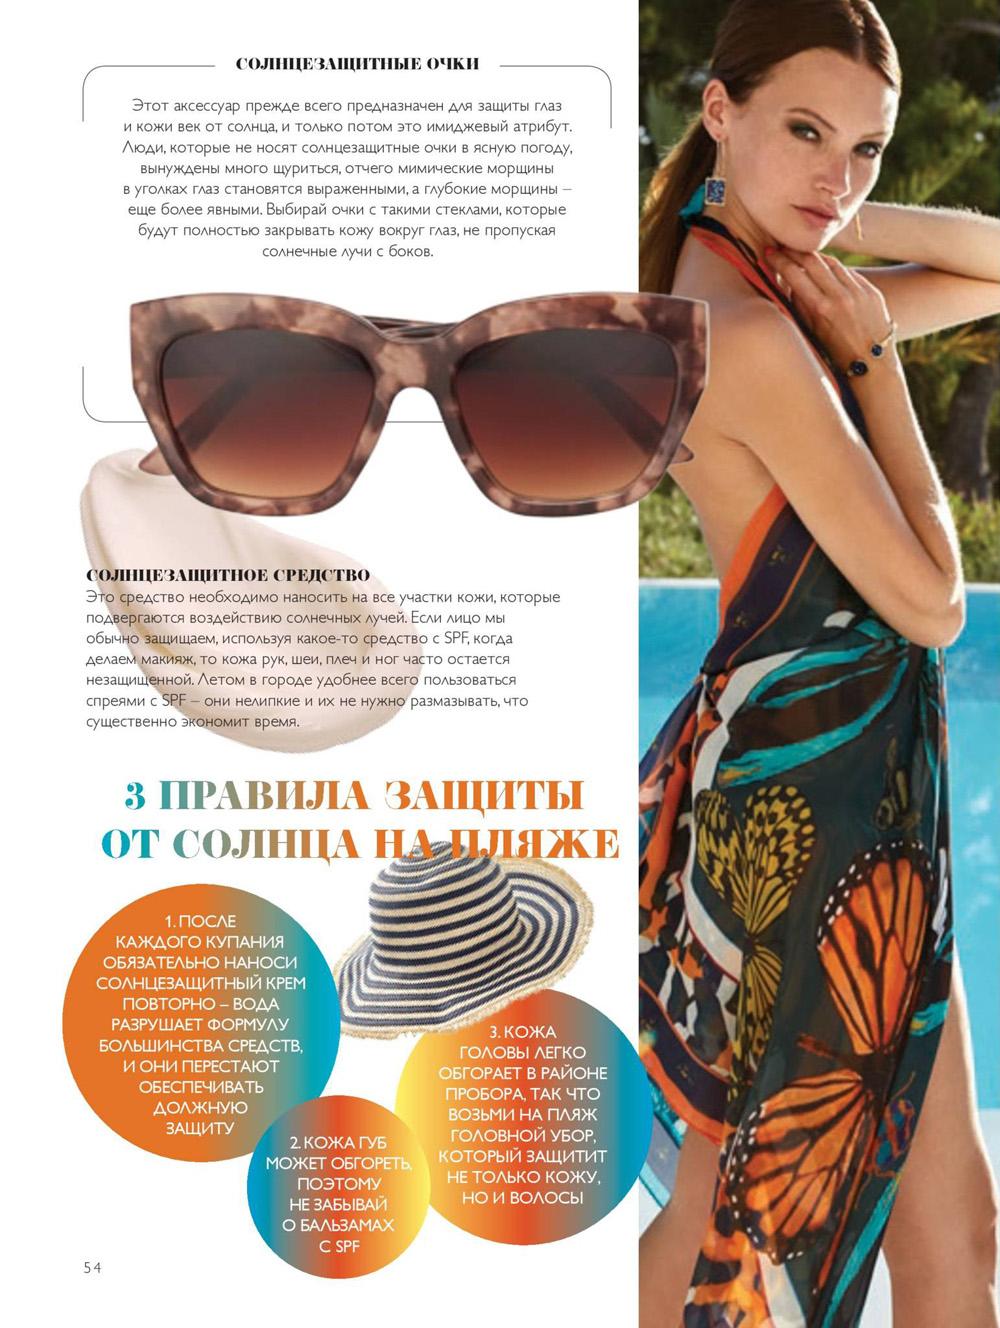 Старица 54, книга красоты Орифлейм Лето 2018, Россия